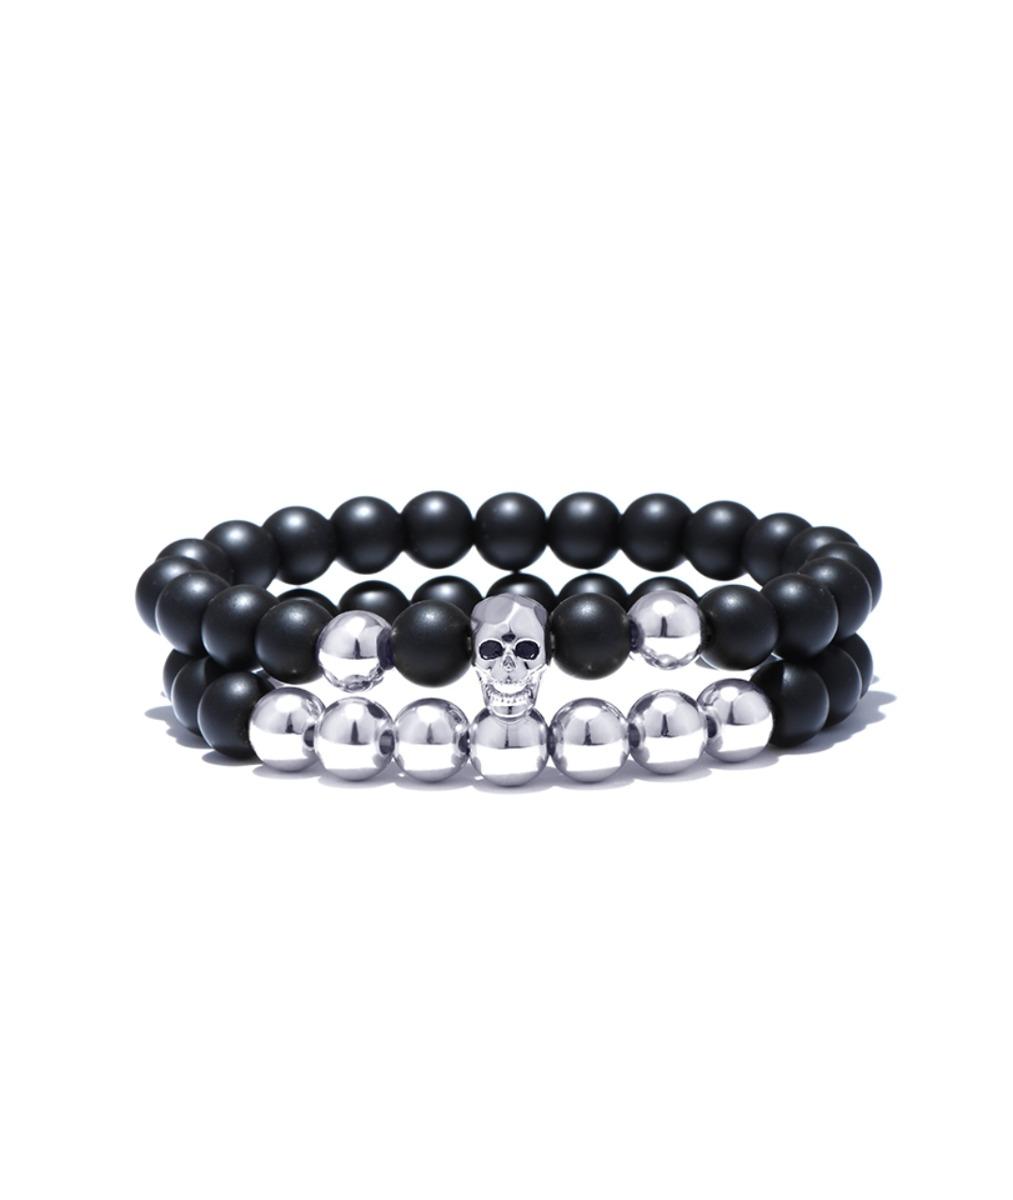 eb316816fccc par de pulseras cráneo modelo perla negra p11 hombre mujer. Cargando zoom.